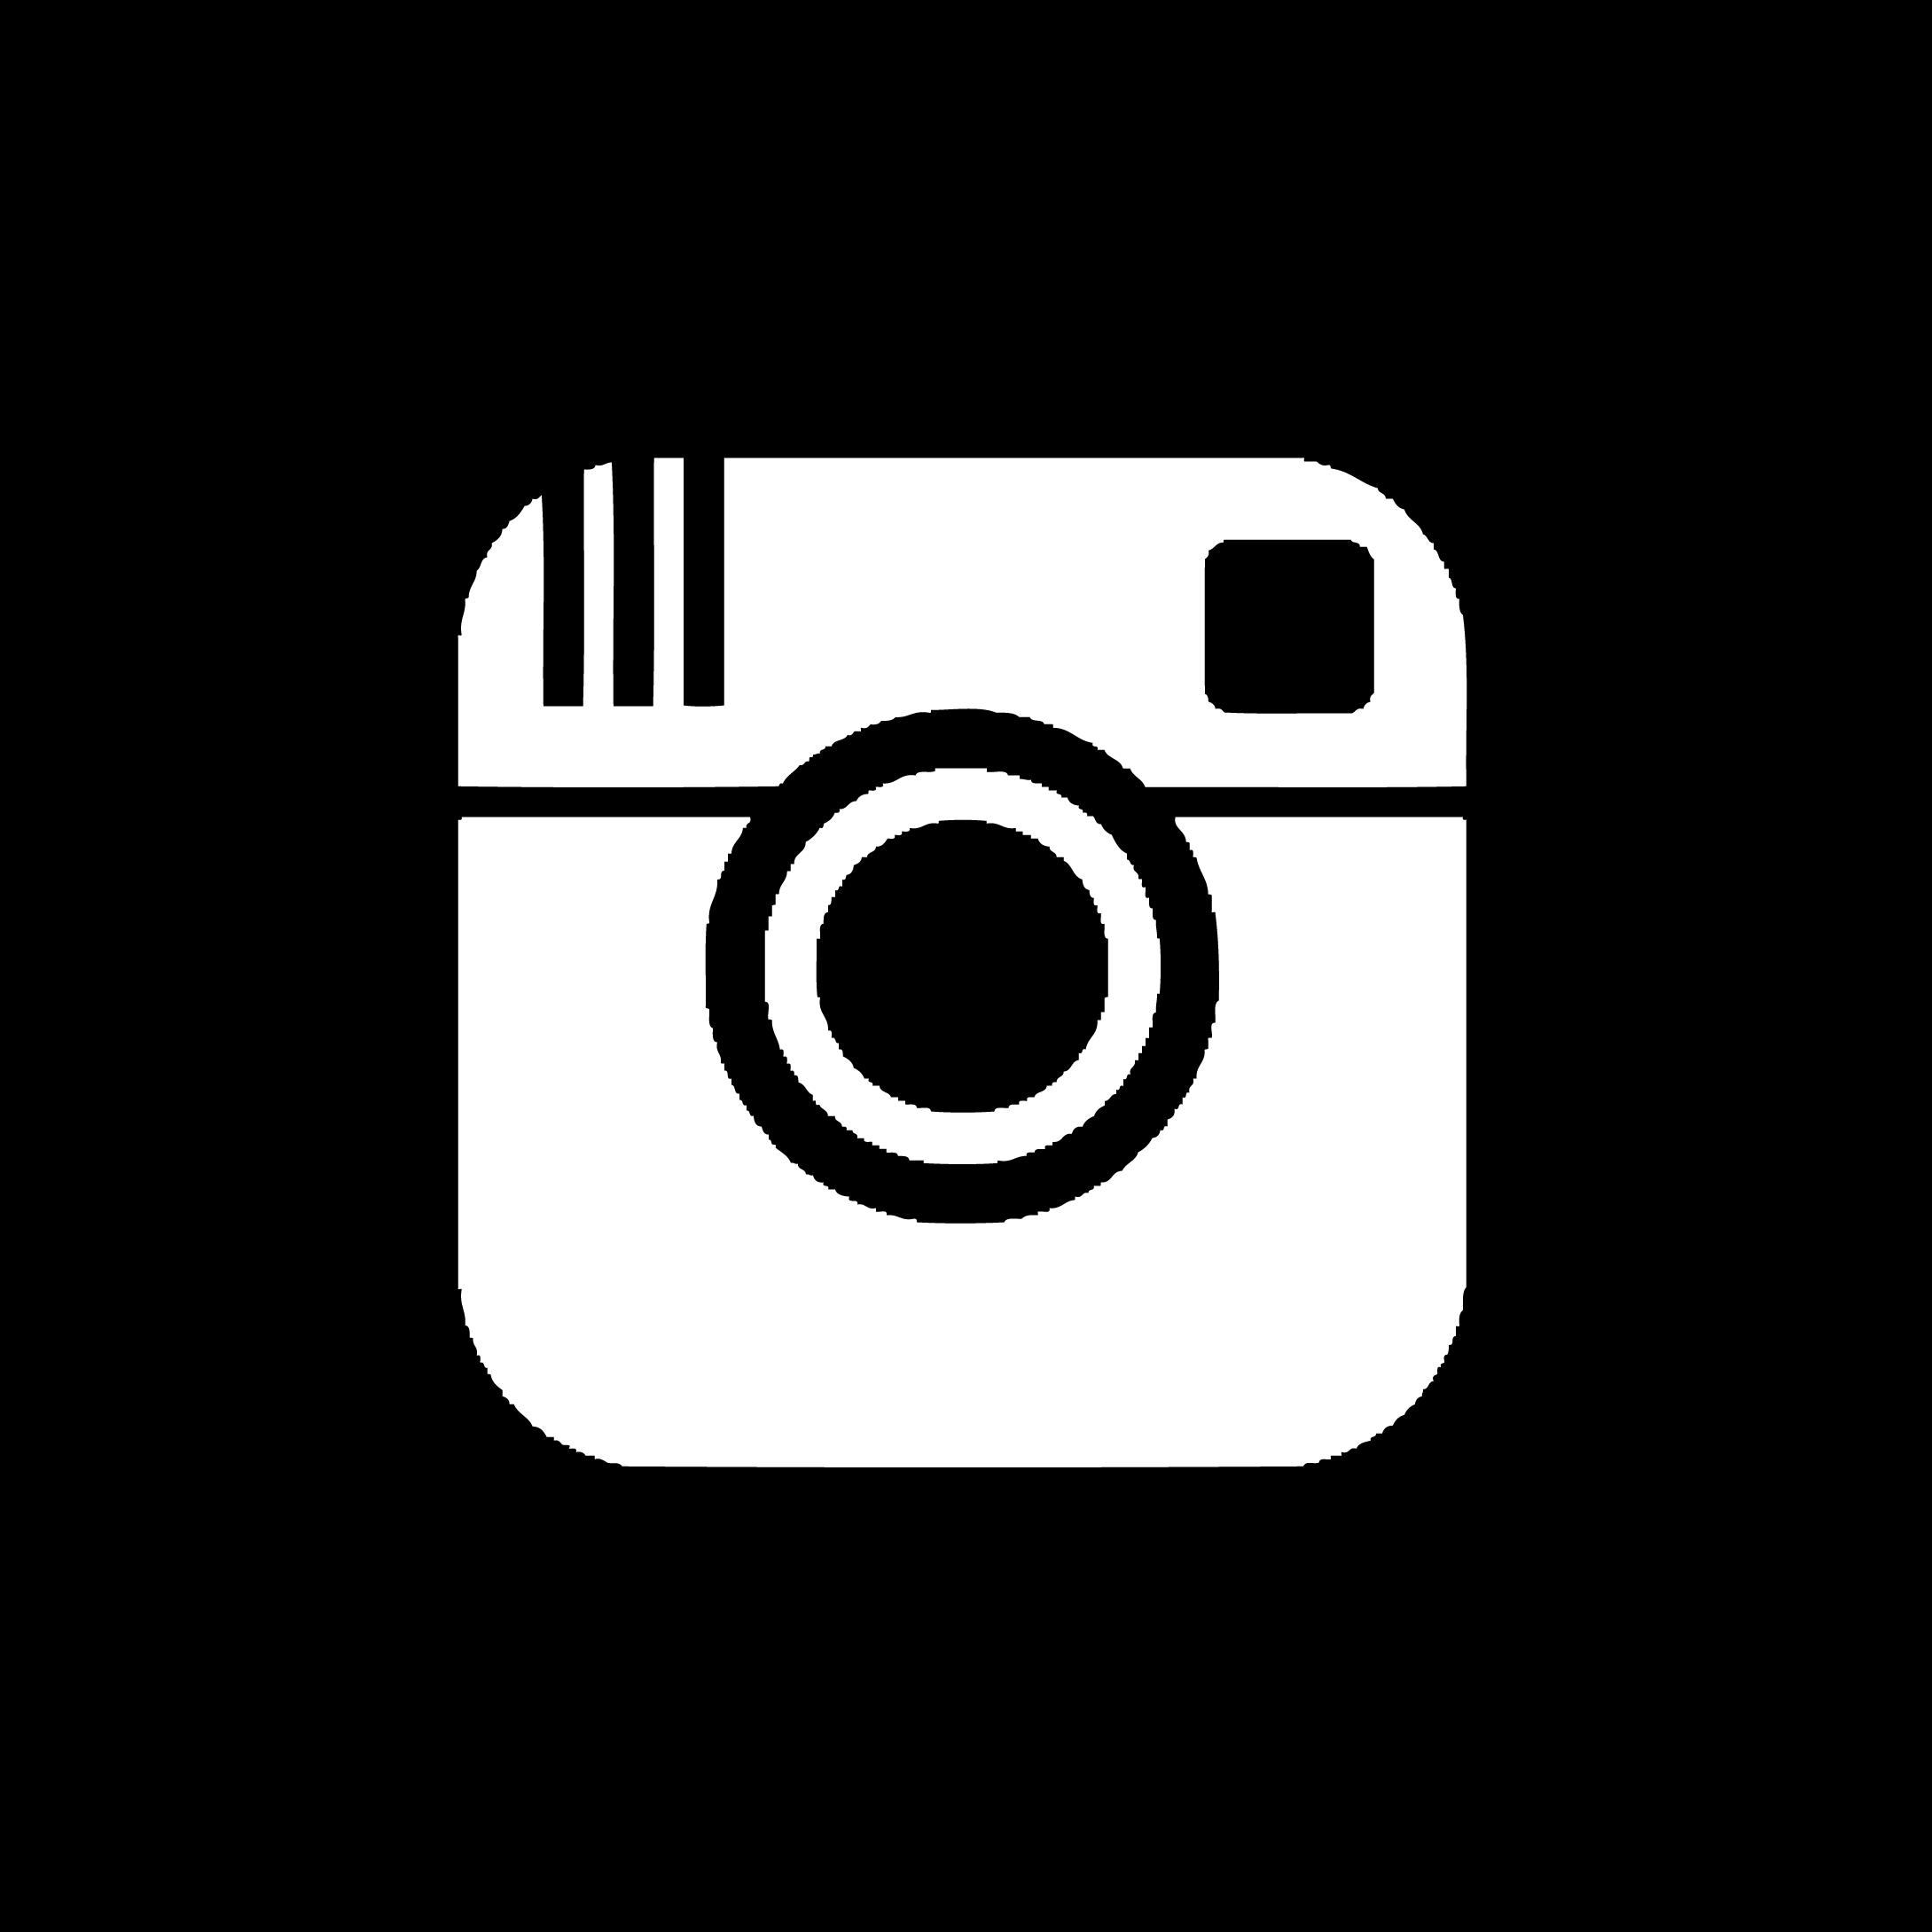 Twitter circle png. Instagram gwepa